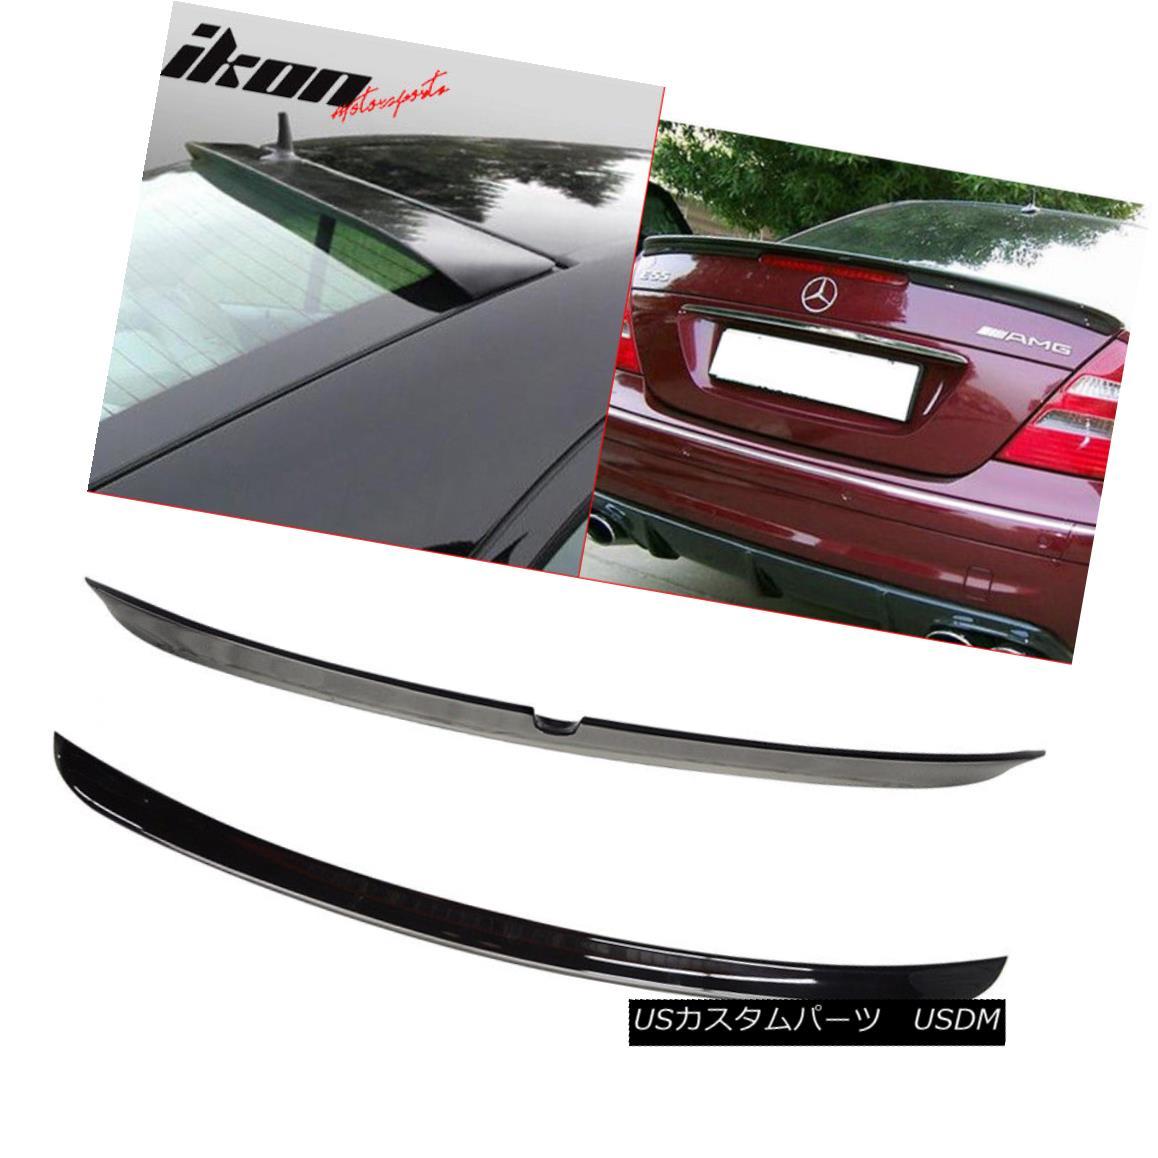 エアロパーツ Fits 03-05 W211 Sedan AMG Trunk Spoiler & L Type Roof Wing Painted #040 Black フィット03-05 W211セダンAMGトランクスポイラー& L型屋根棟#040黒塗装